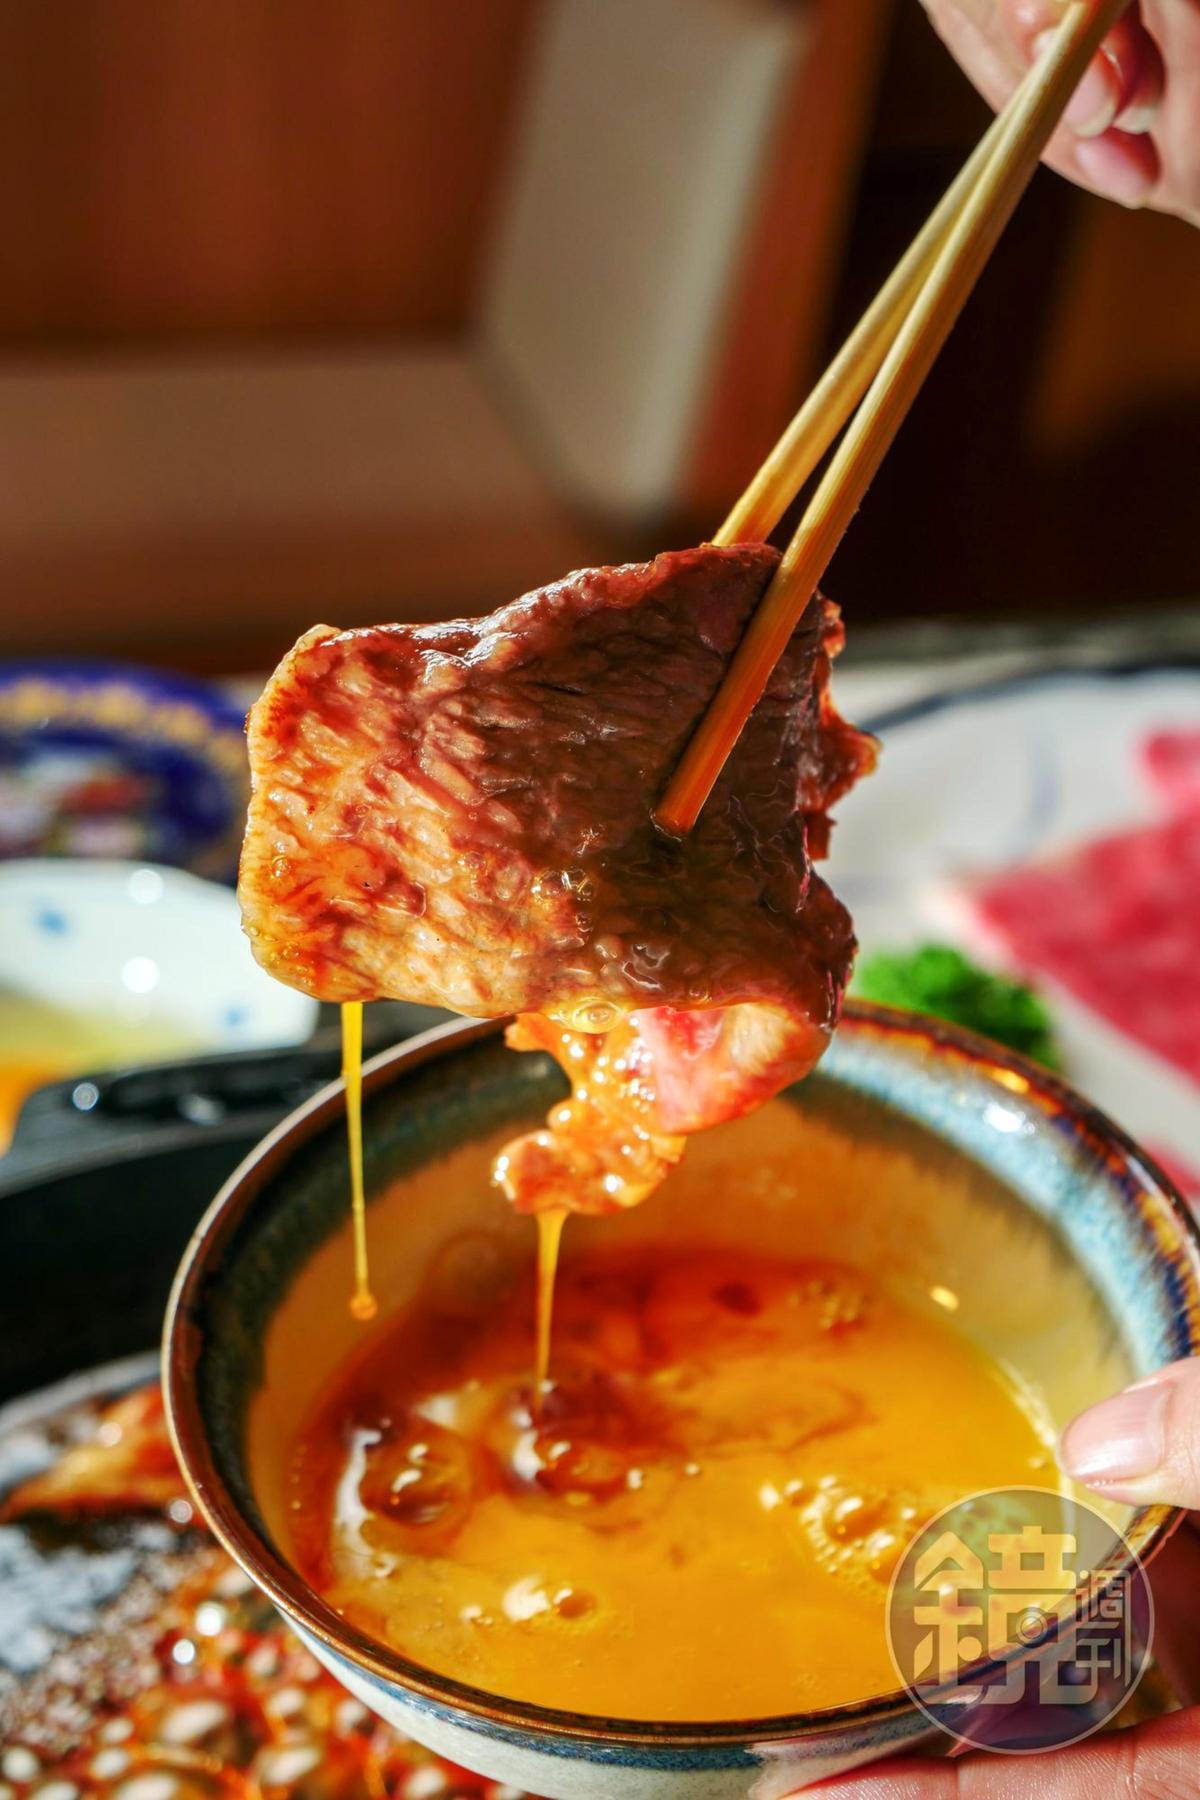 蘸上蛋液吃的飽滿滋味,讓人暫時忘了關東風壽喜燒。